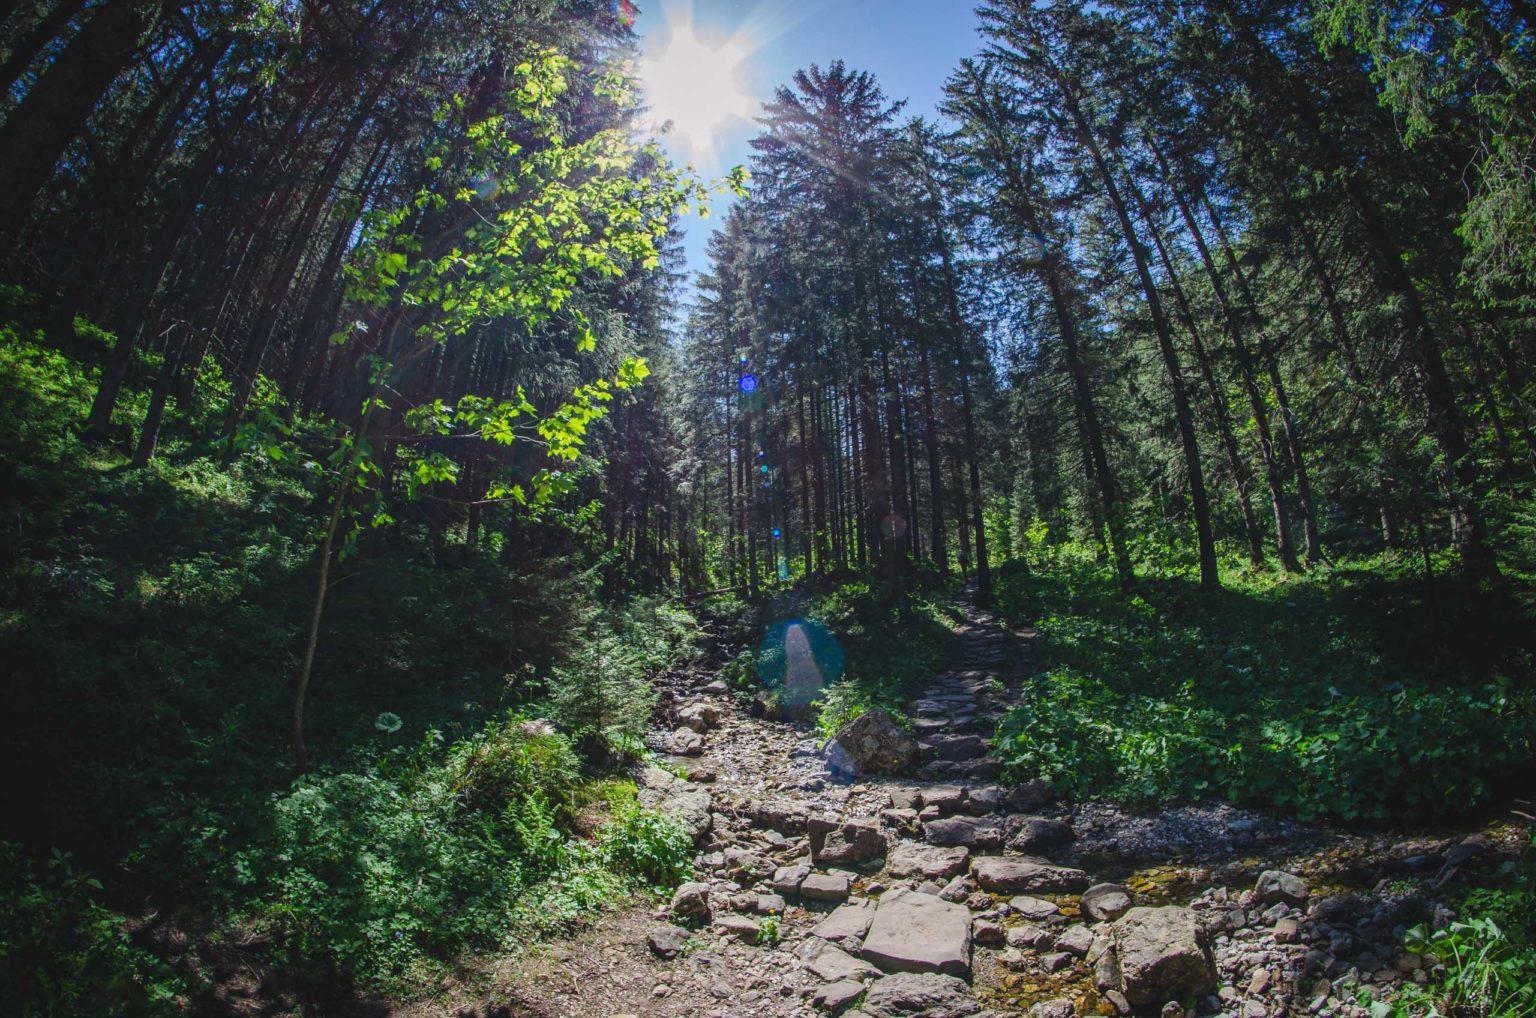 Szlak w lesie